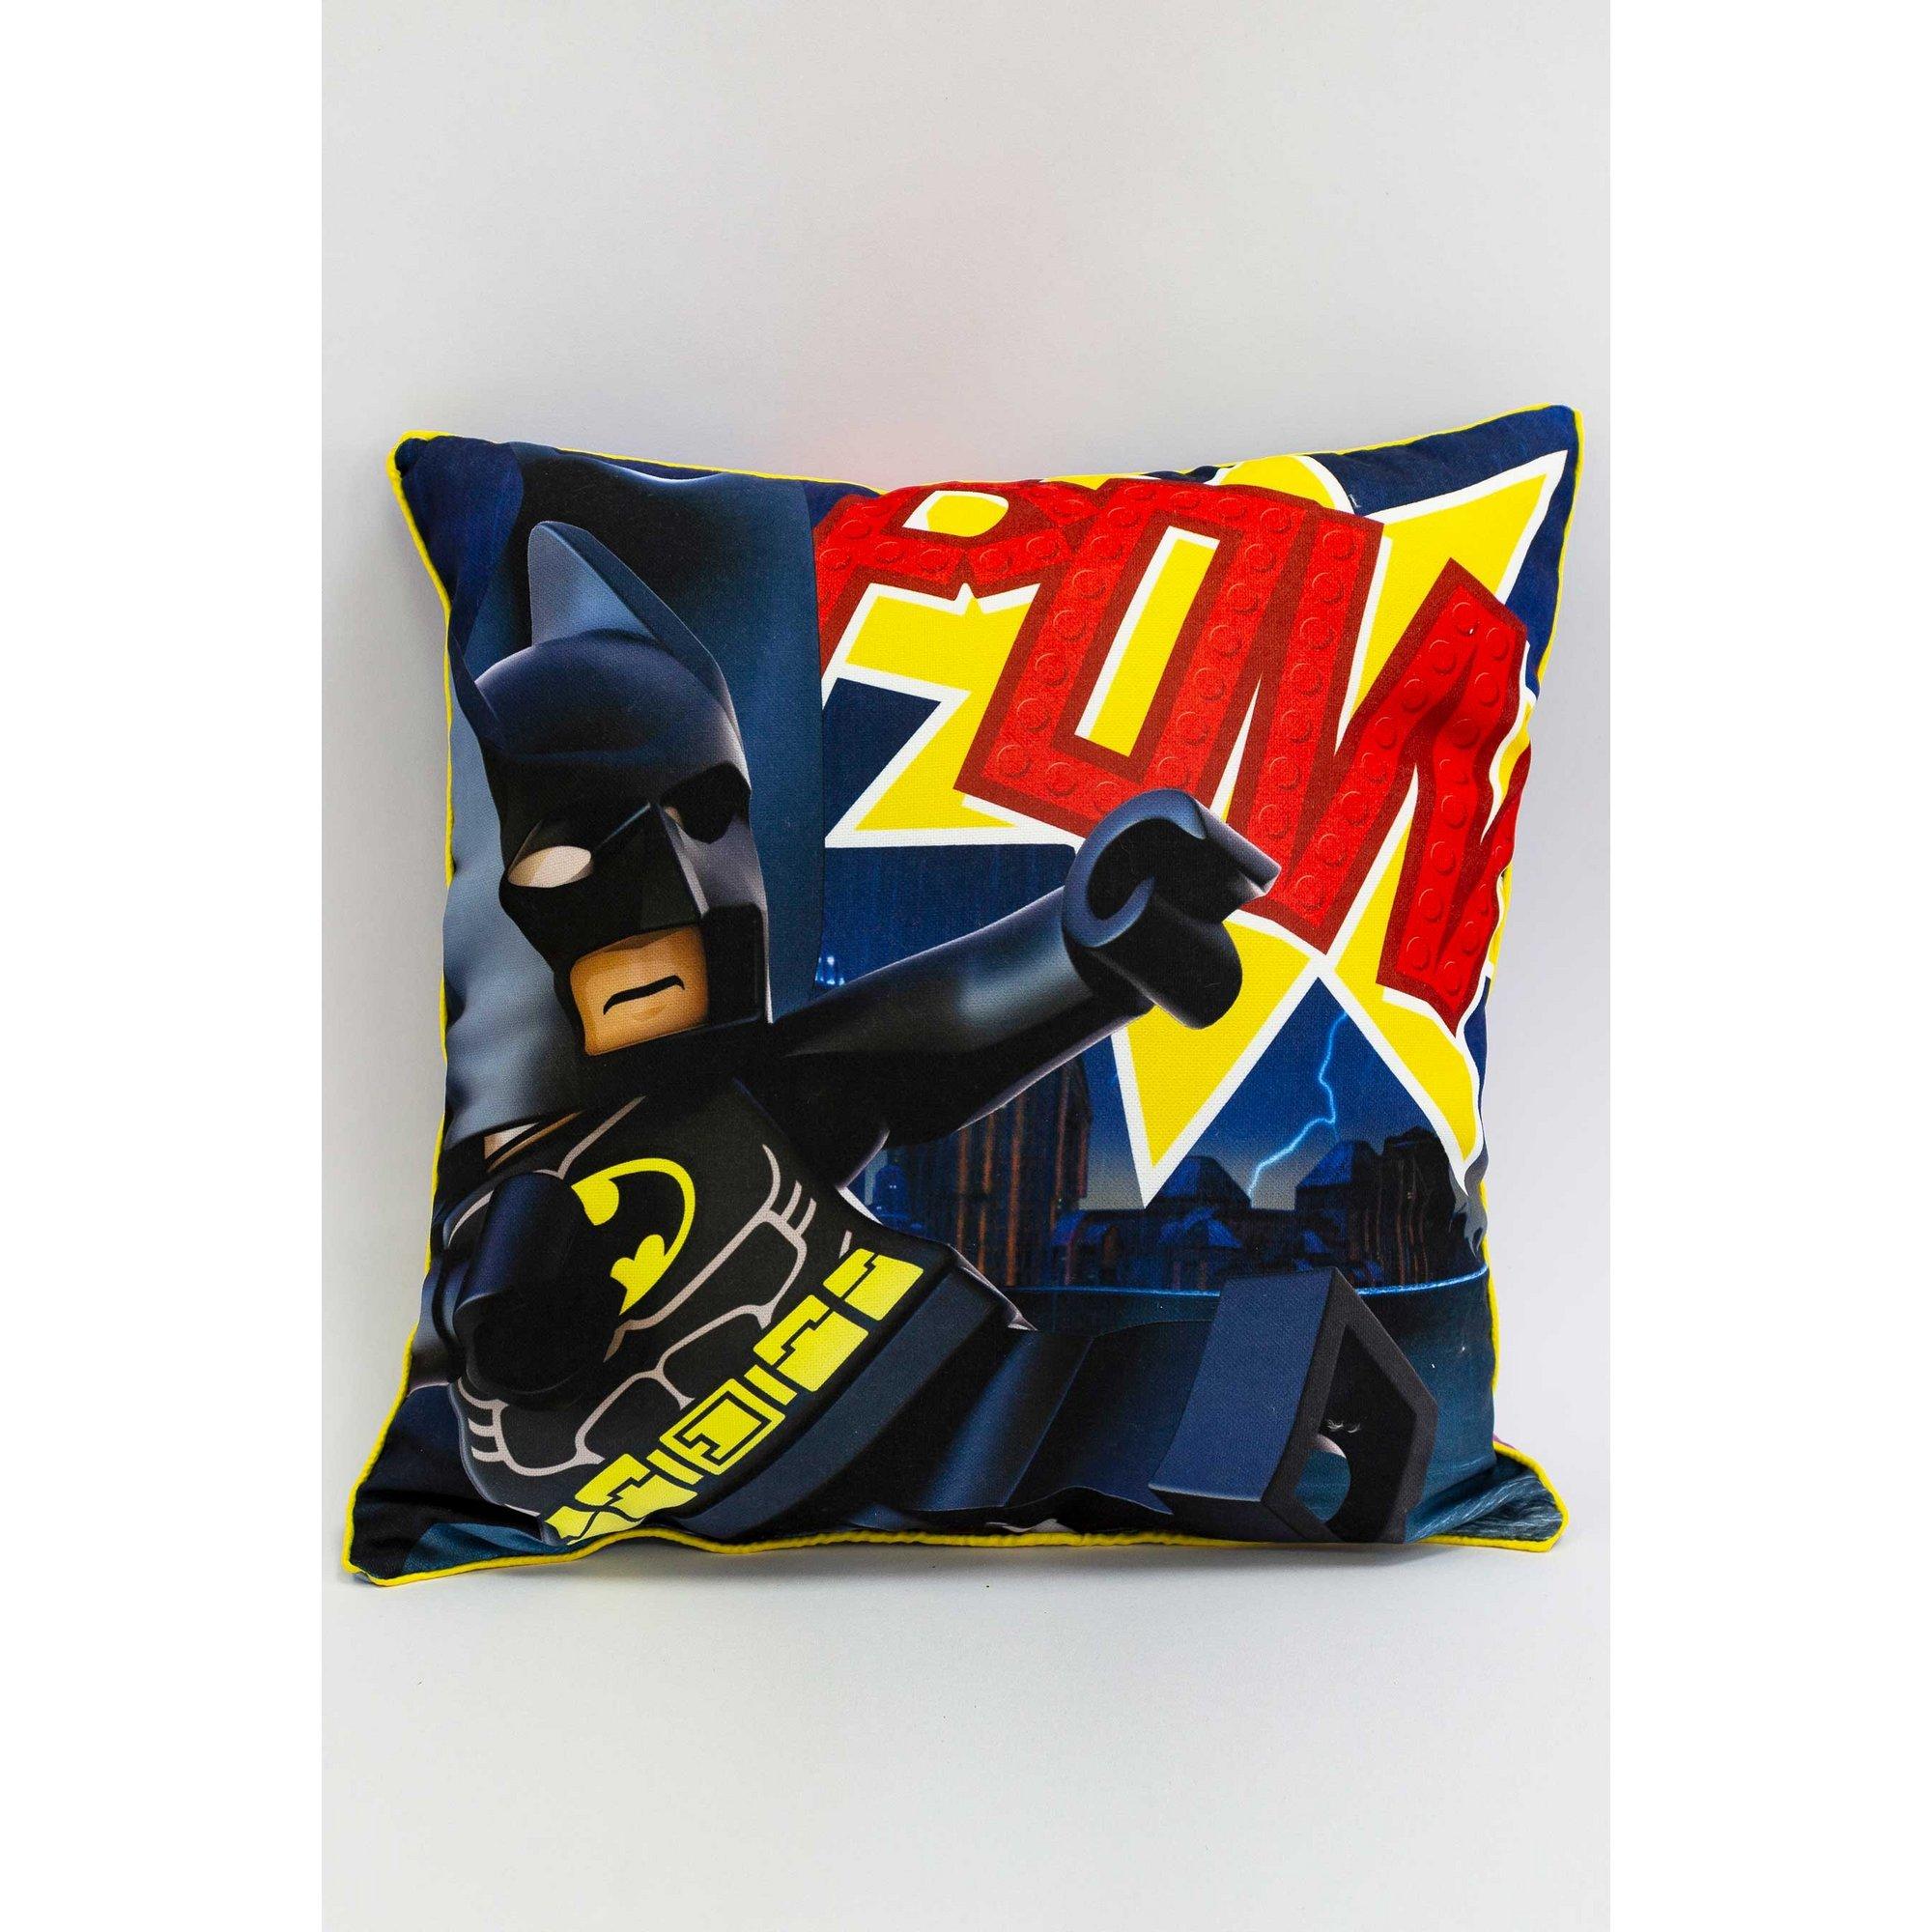 Image of Lego Superheroes Cushion